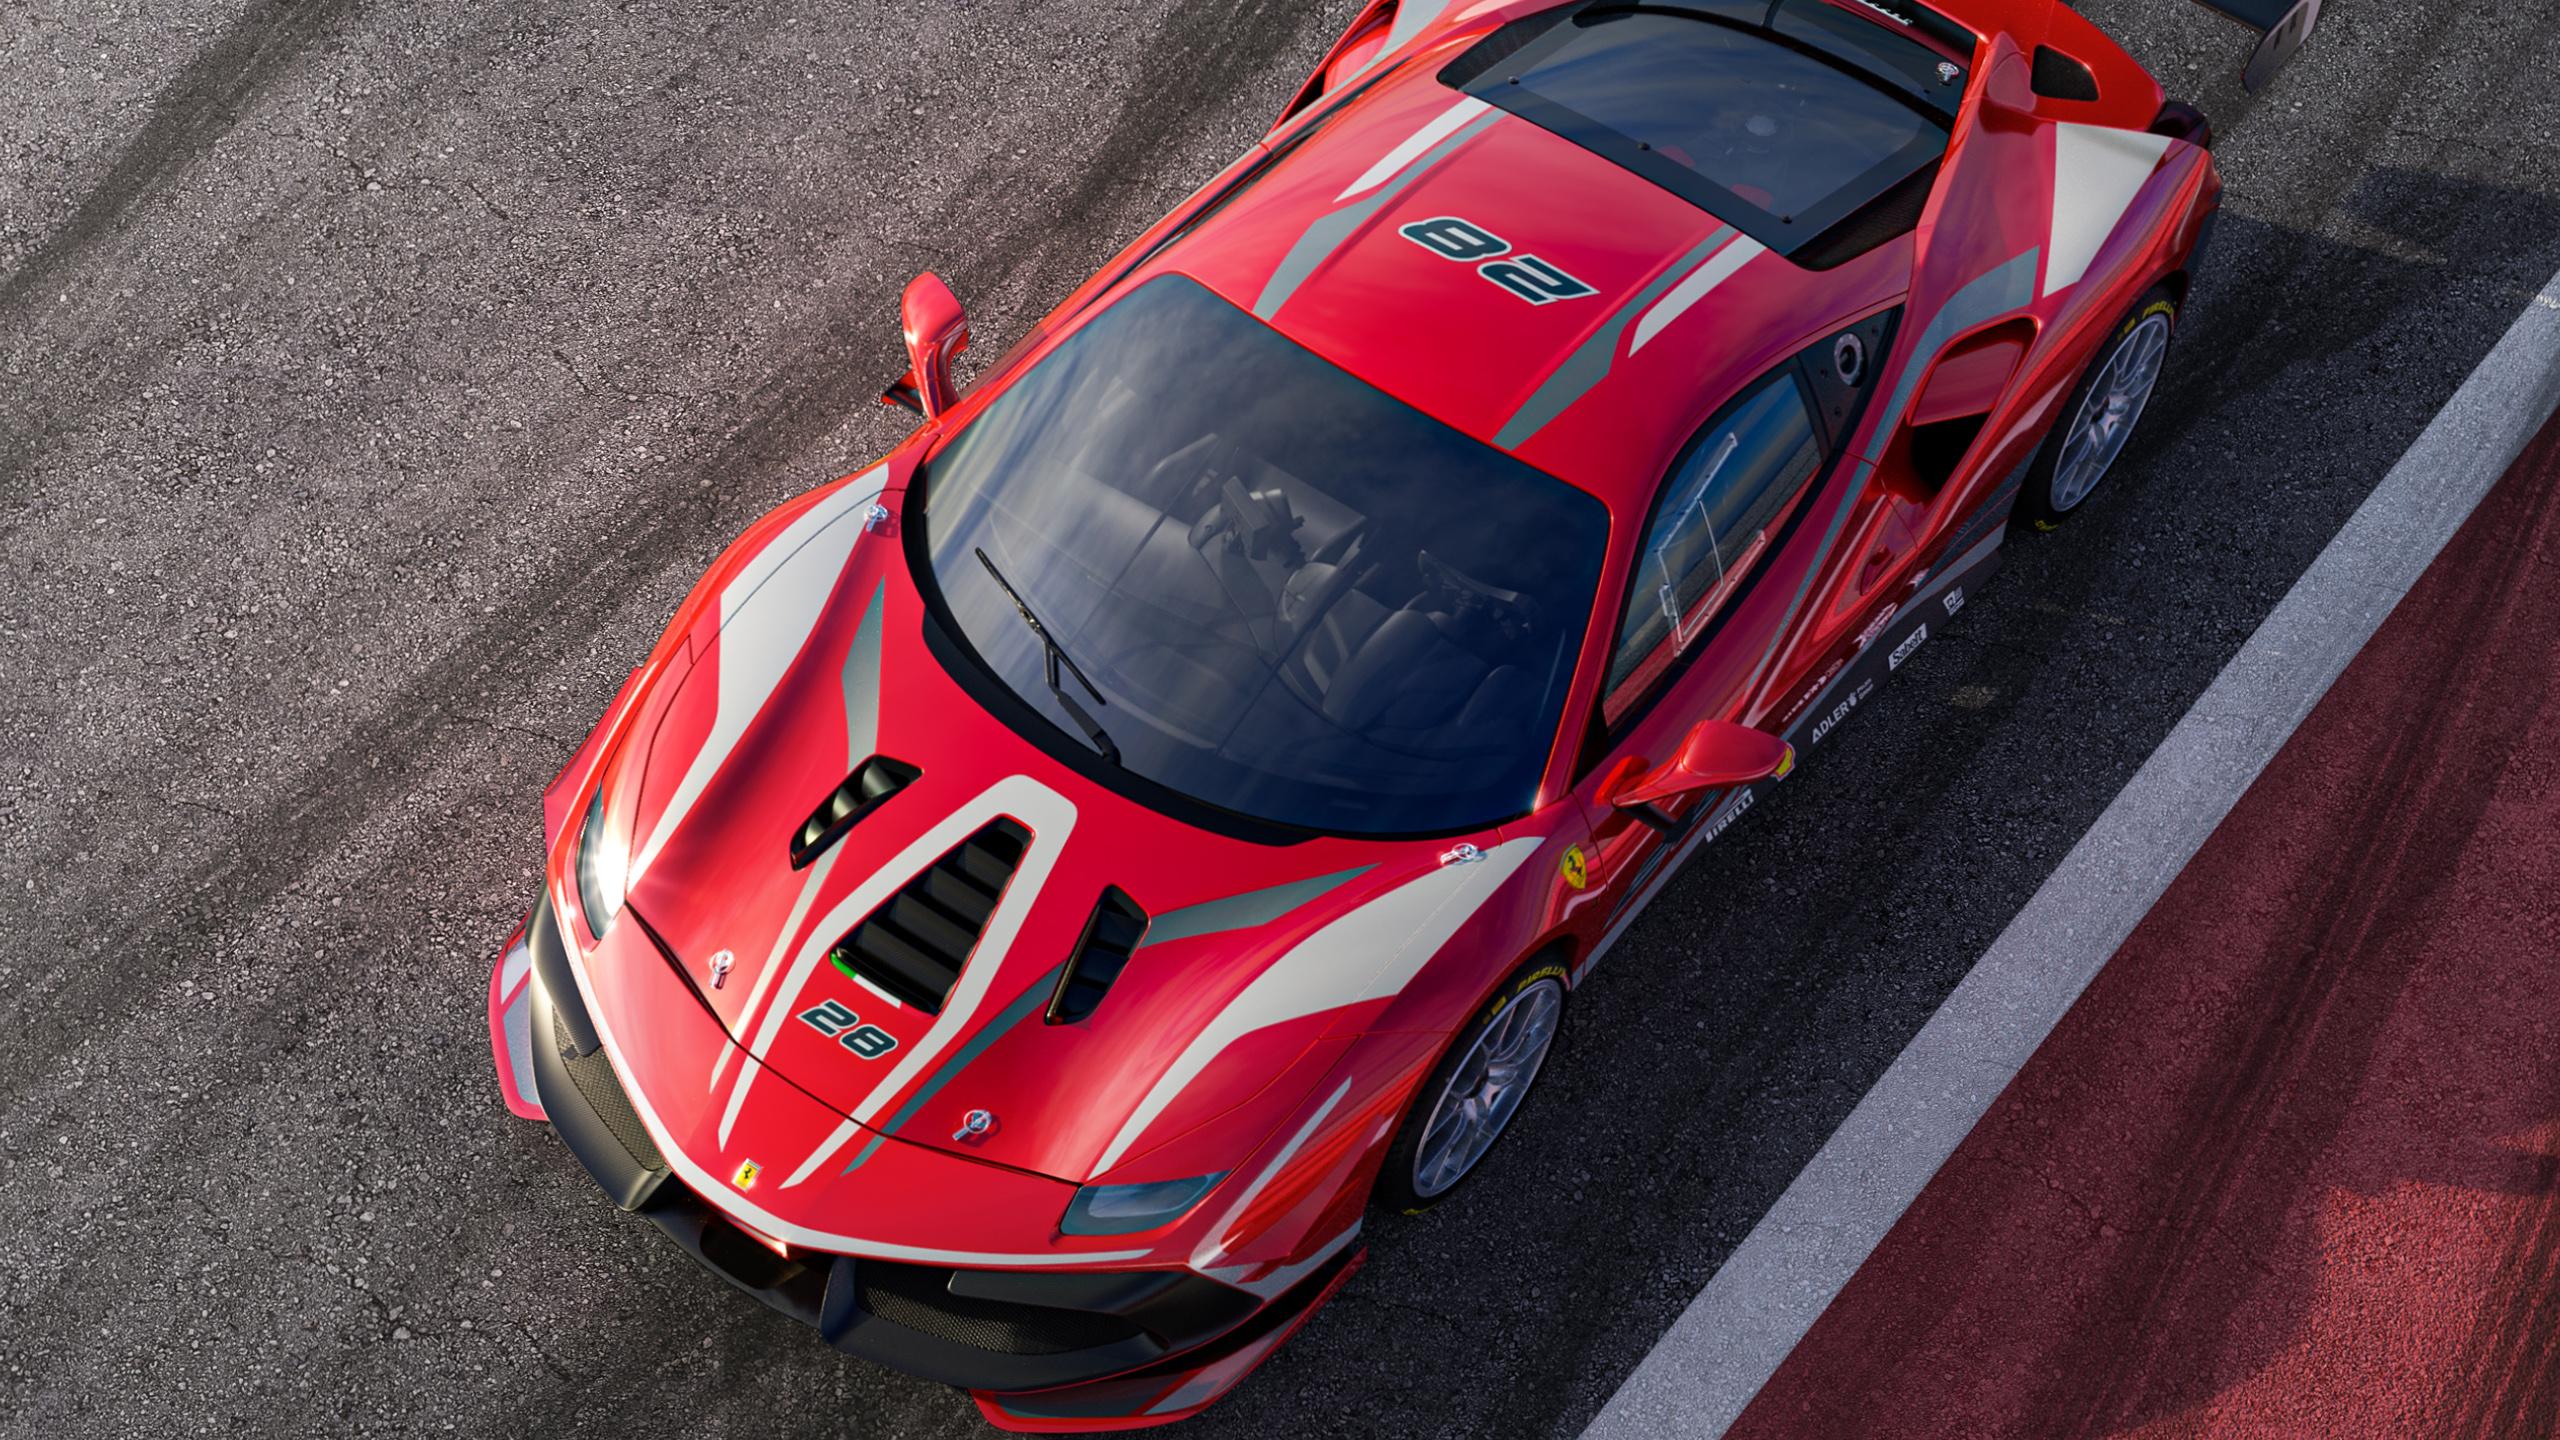 Ferrari 488 Challenge Evo 2020 Wallpaper HD Car Wallpapers ID 2560x1440